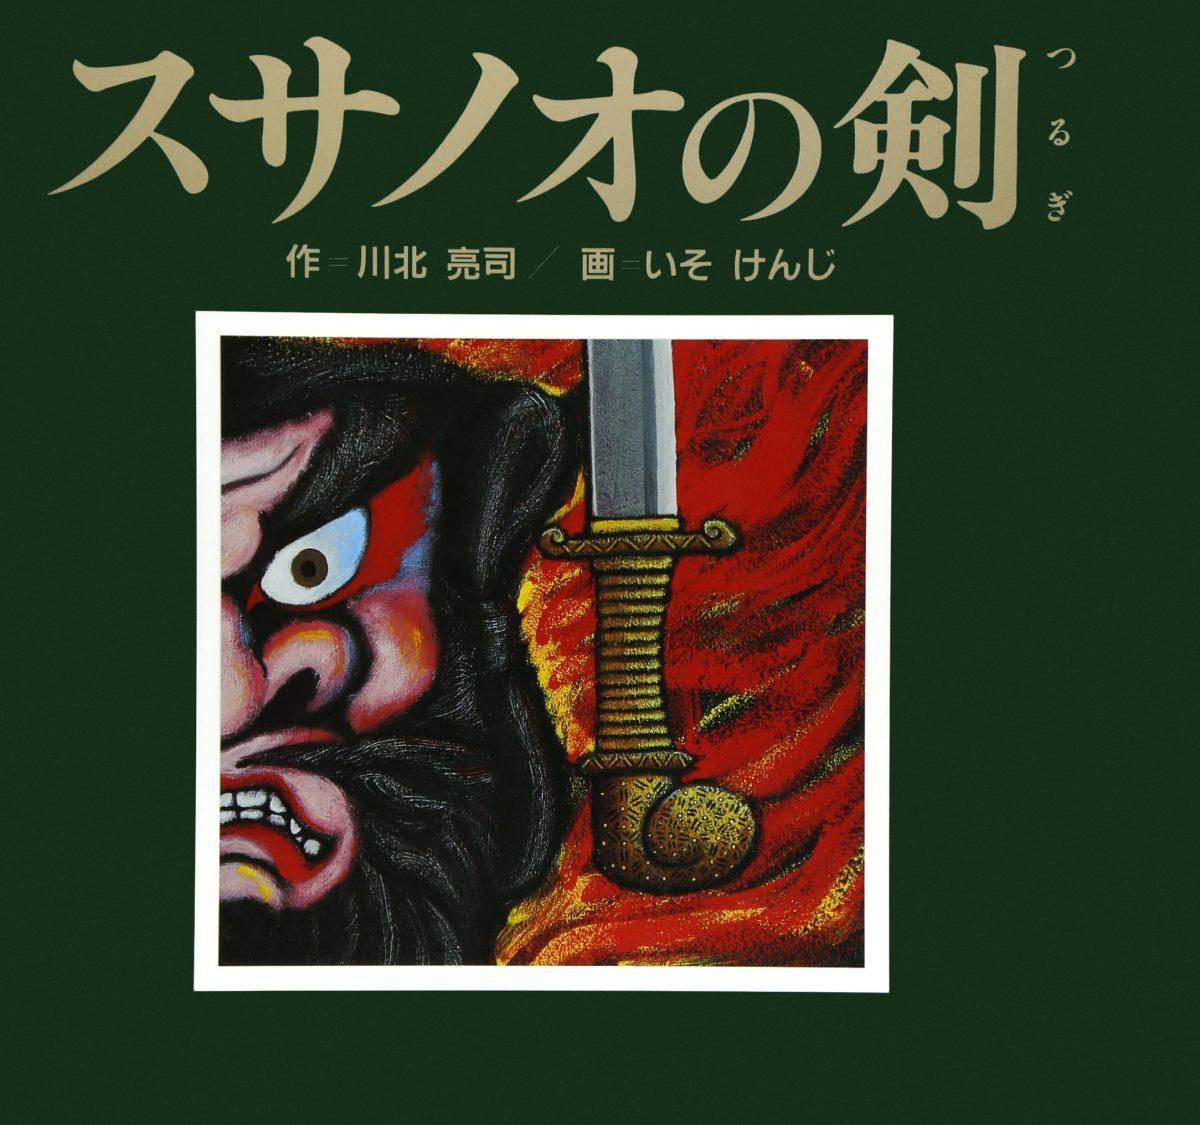 絵本「スサノオの剣」の表紙